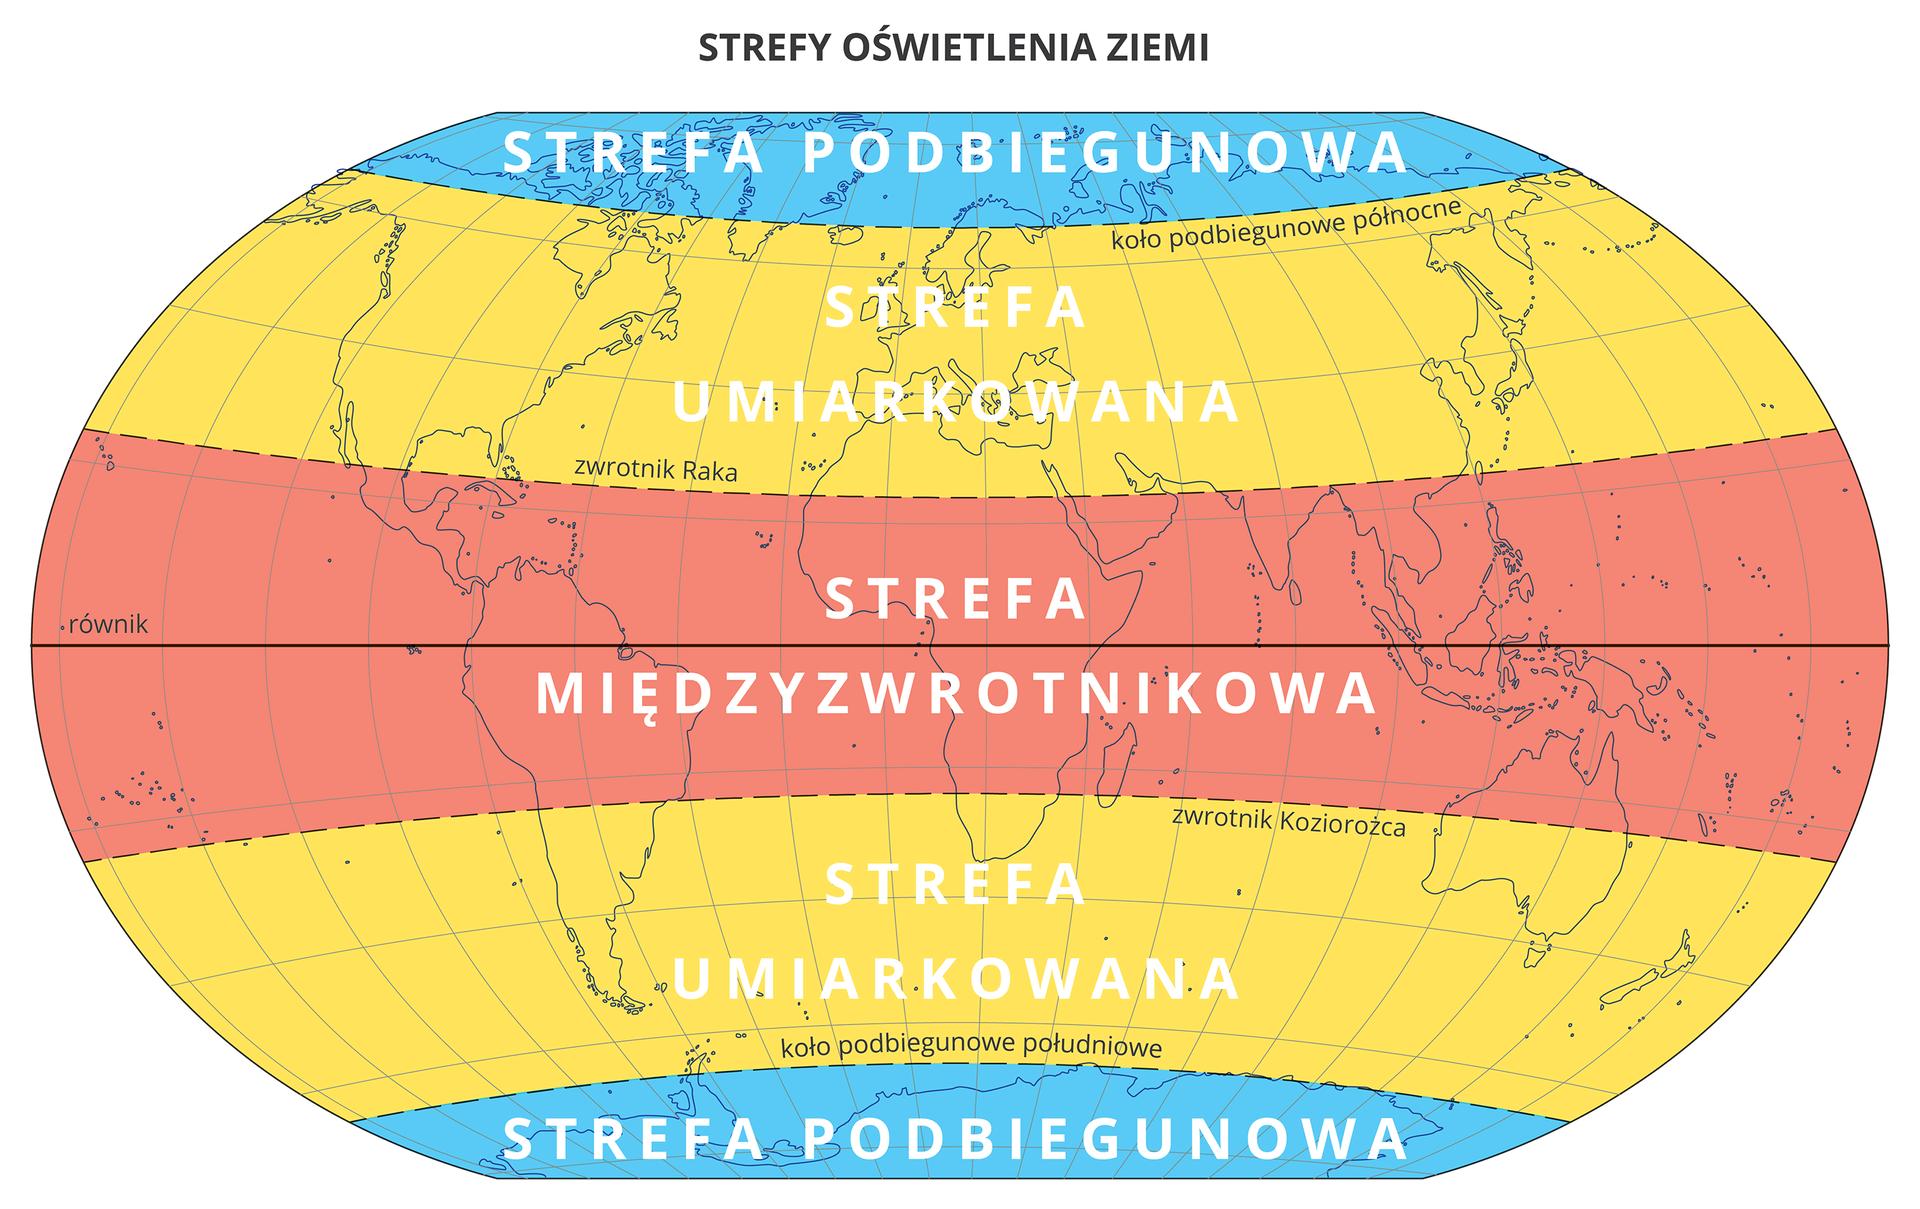 Ilustracja prezentuje strefy oświetlania Ziemi zamalowane różnymi kolorami na mapie świata. Kolor niebieski – strefa podbiegunowa ugóry iudołu, kolor żółty - strefa umiarkowana po strefą podbiegunową, kolor czerwony – strefa międzyzwrotnikowa na środku mapy.